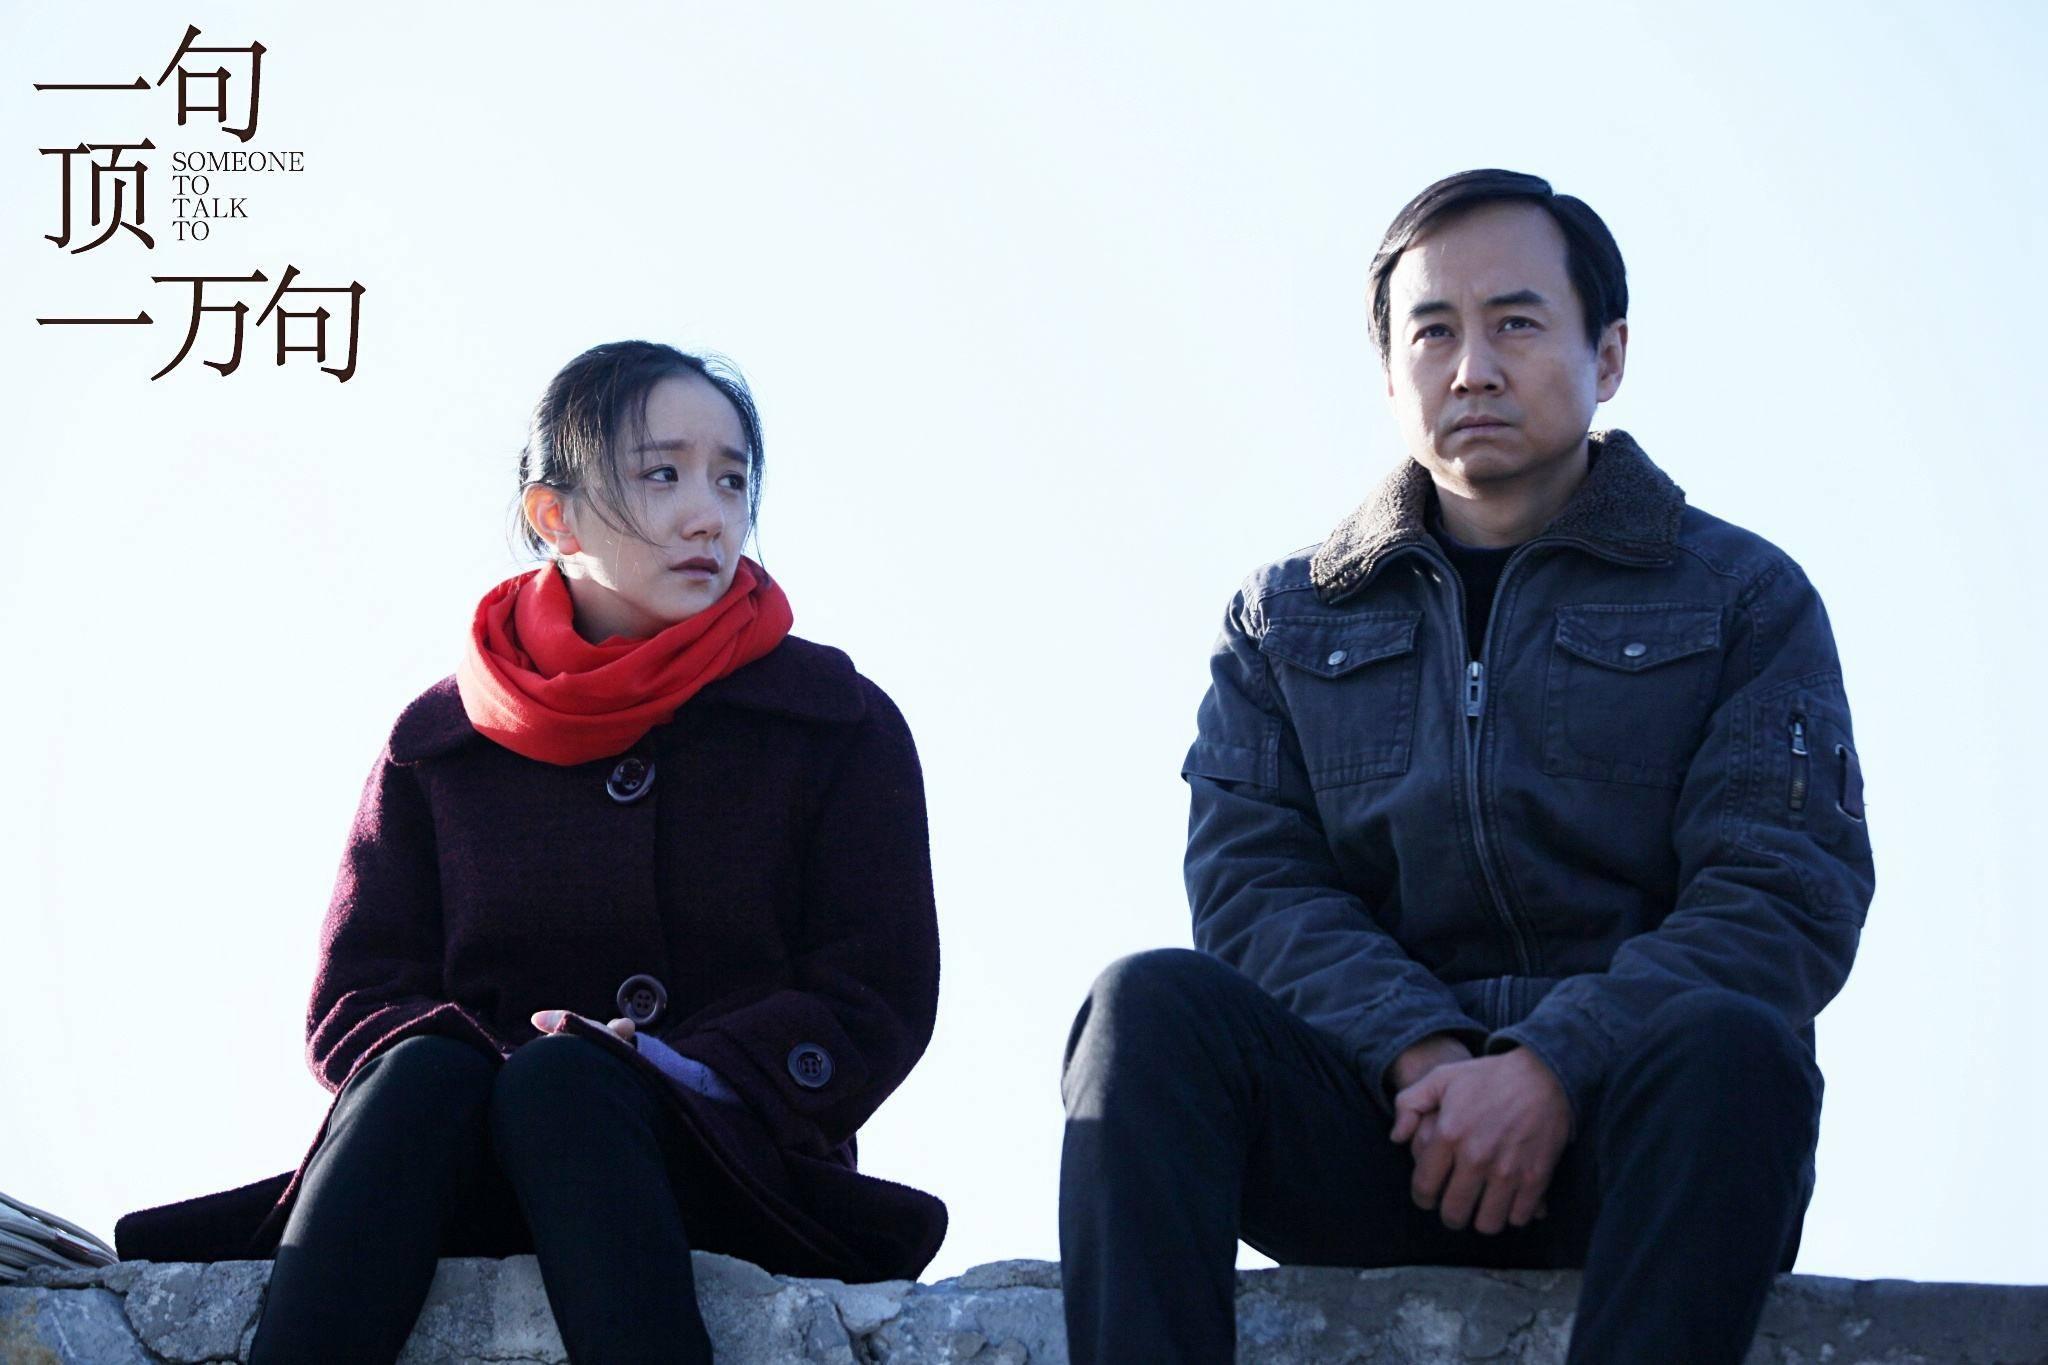 刘震云一句顶一万句经典语录.jpg